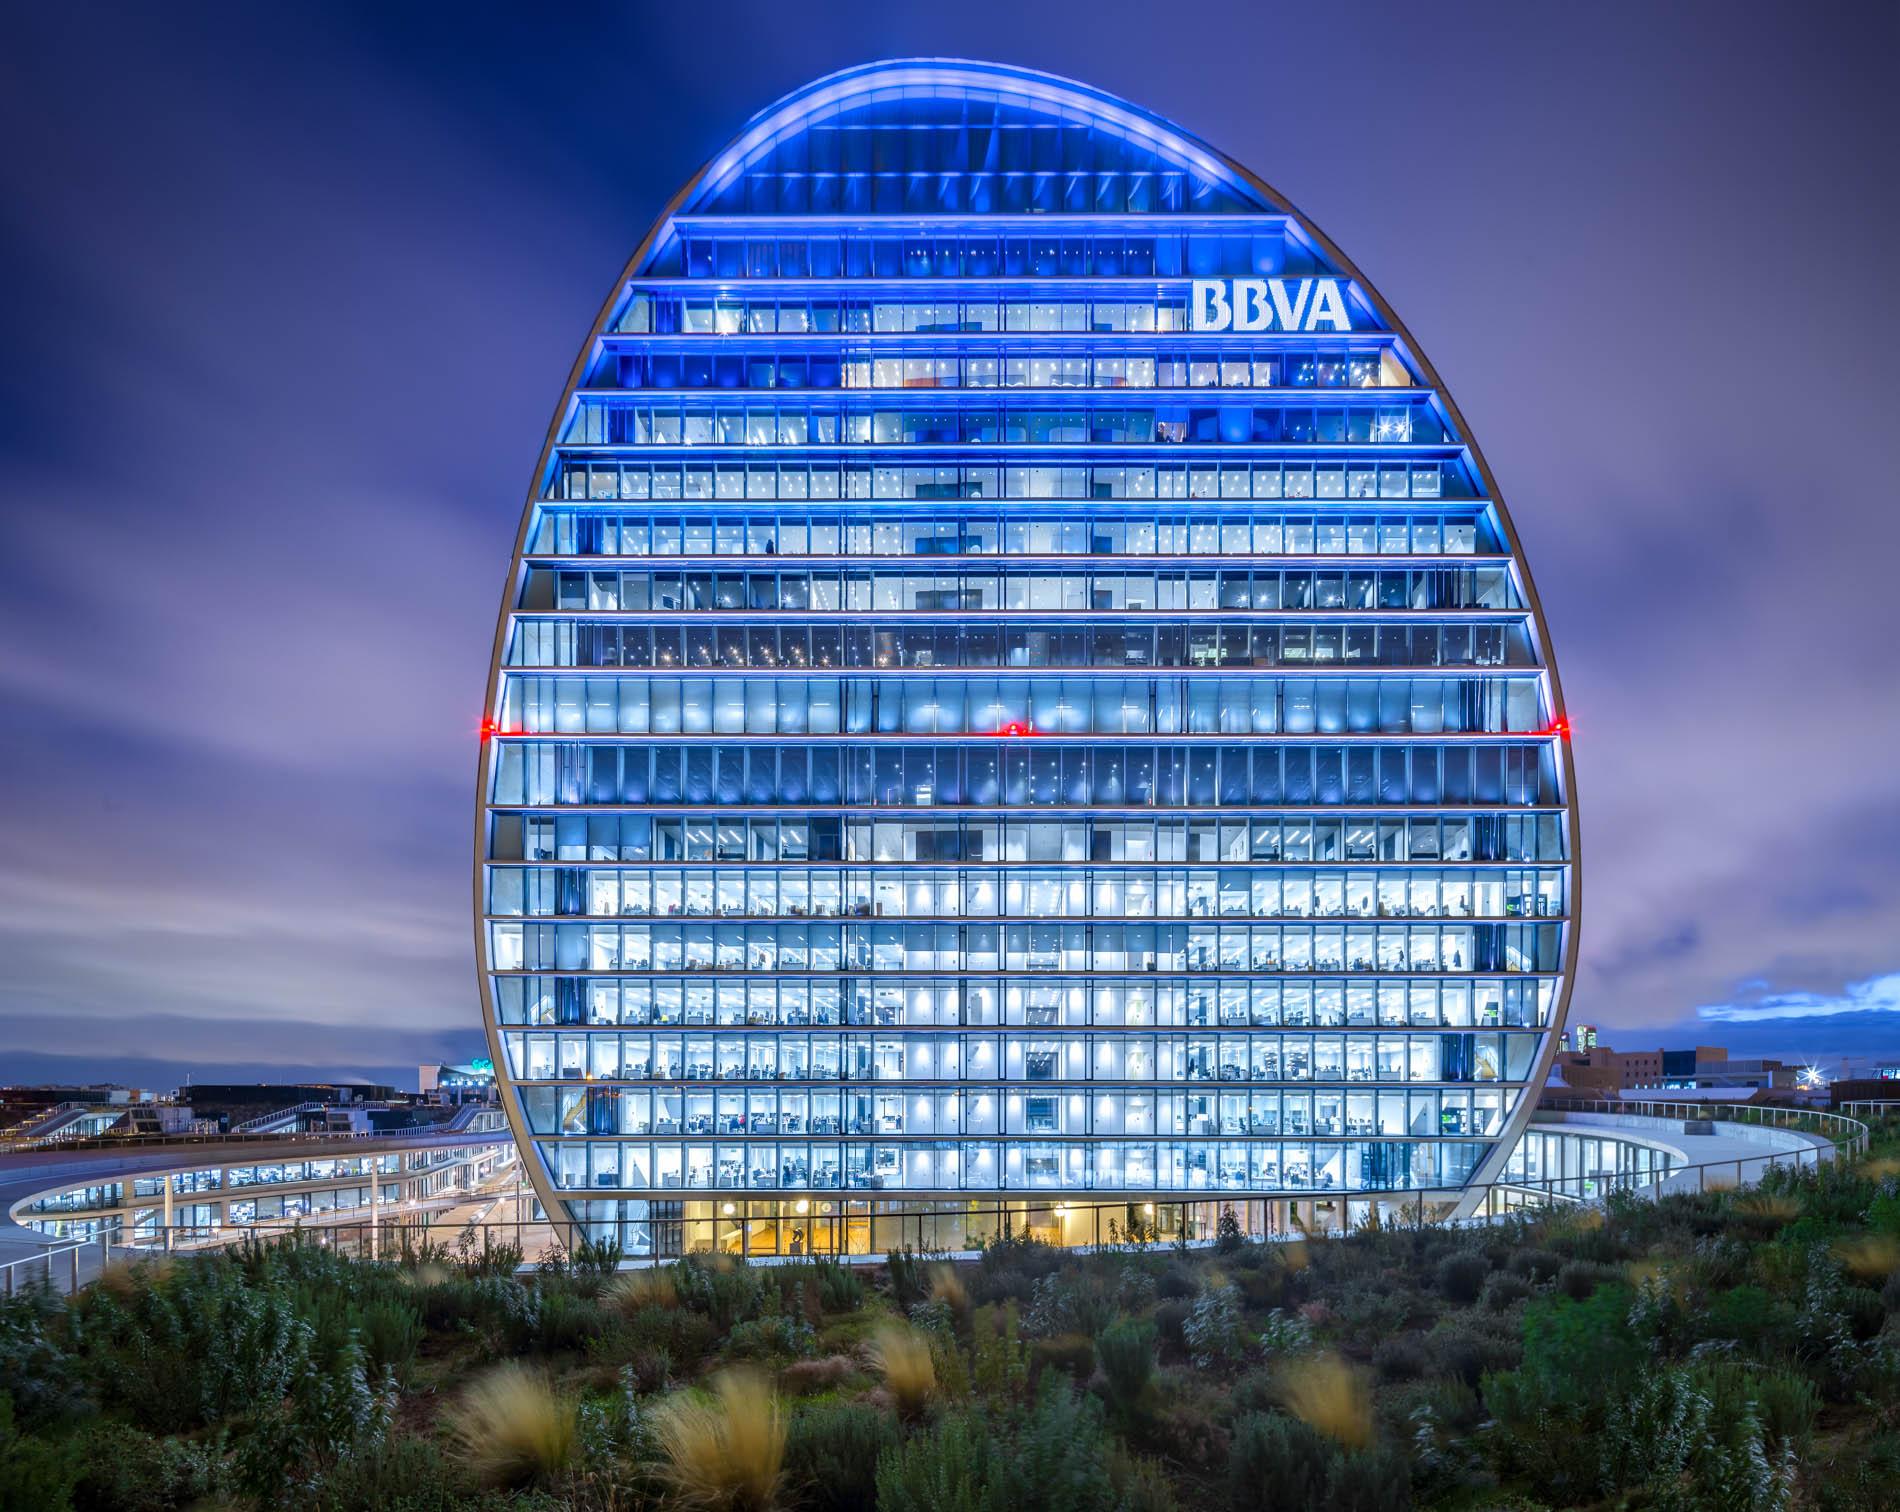 https://accionistaseinversores.bbva.com/wp-content/uploads/2019/04/16.-La-Vela-Ciudad-BBVA.jpg